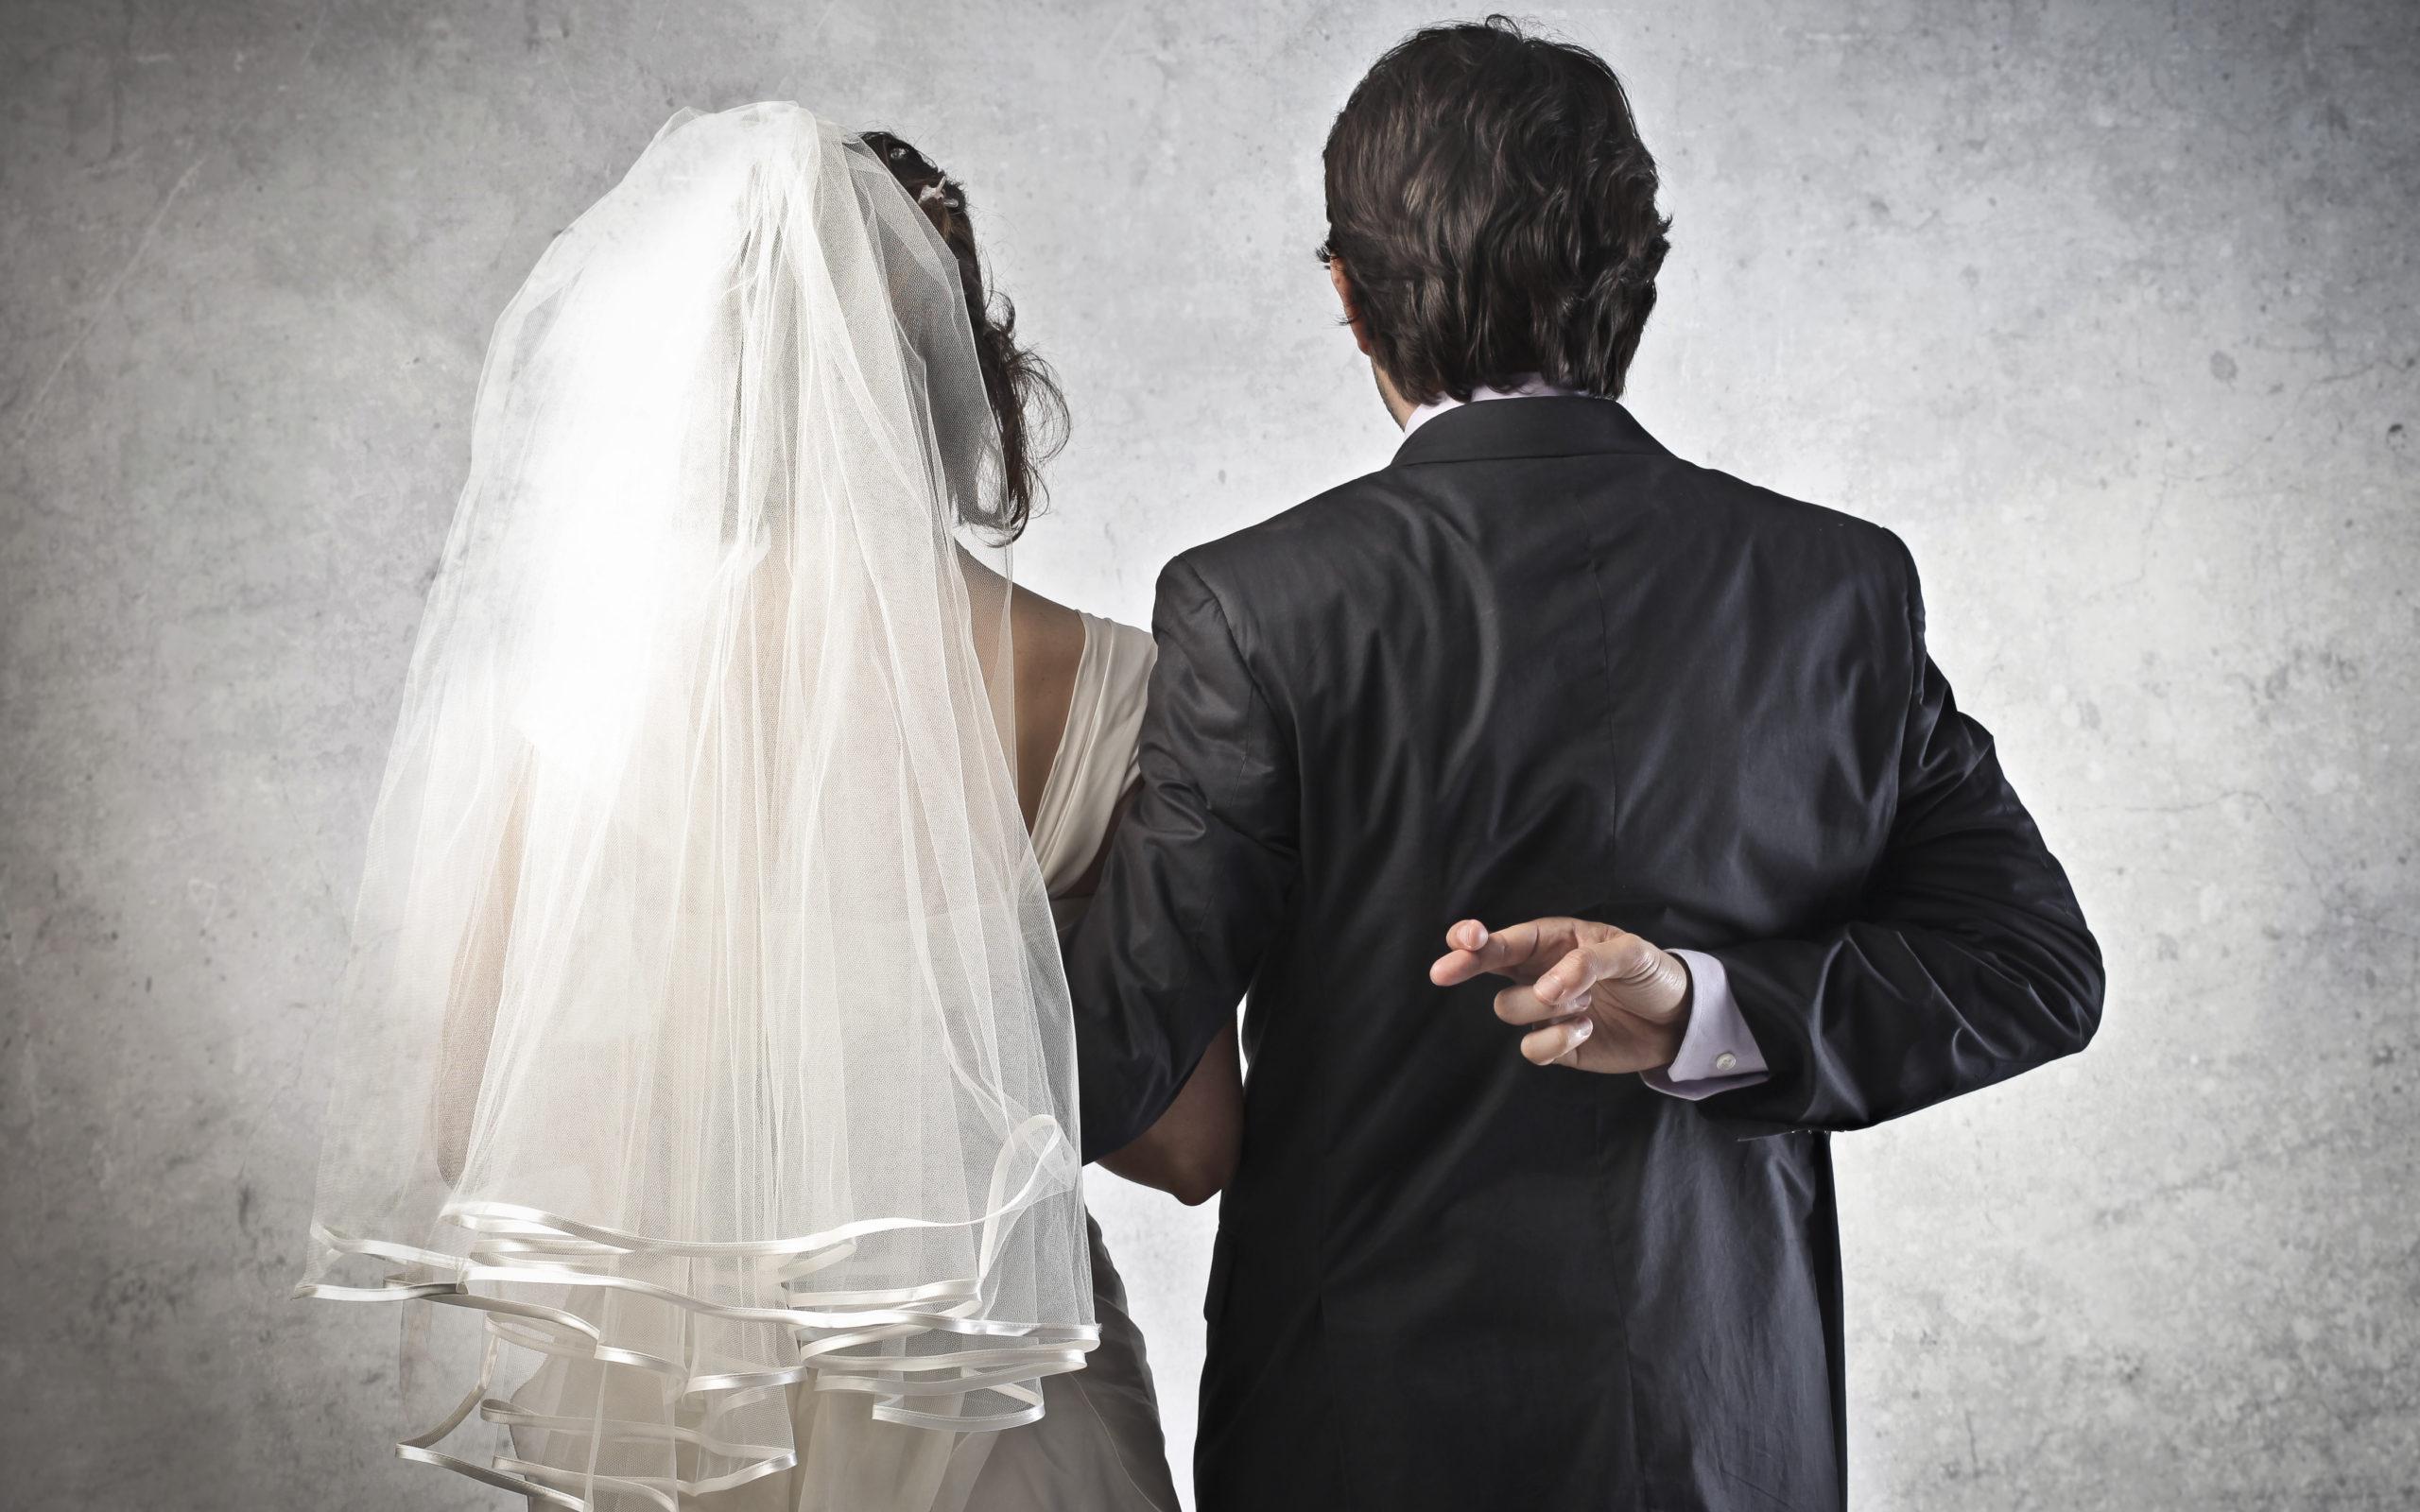 В Тверской области женщина подделала справку о беременности, чтобы быстрее выйти замуж за иностранца